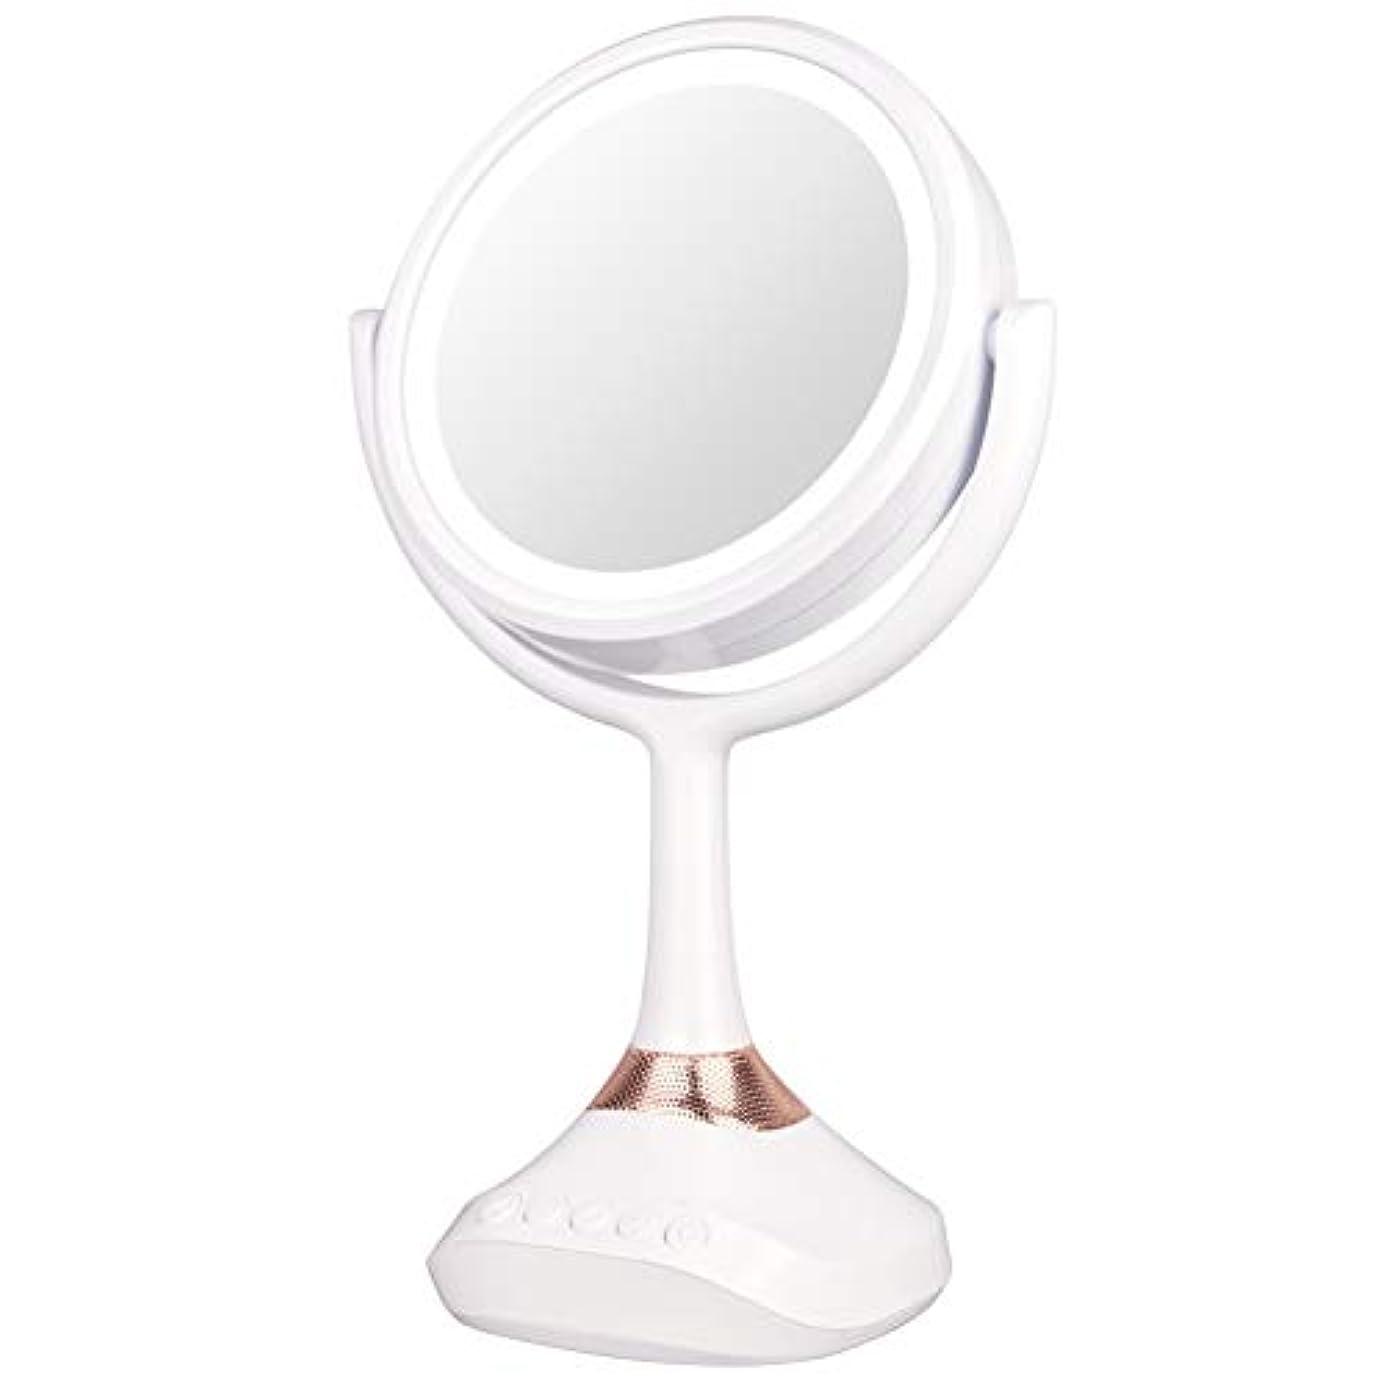 仮説従順乱暴なXJZxX ブルートゥースLED音楽ミラー卓上化粧台ミラー付きスピーカー照明付き化粧鏡ライト付き化粧鏡 -美容アクセサリー